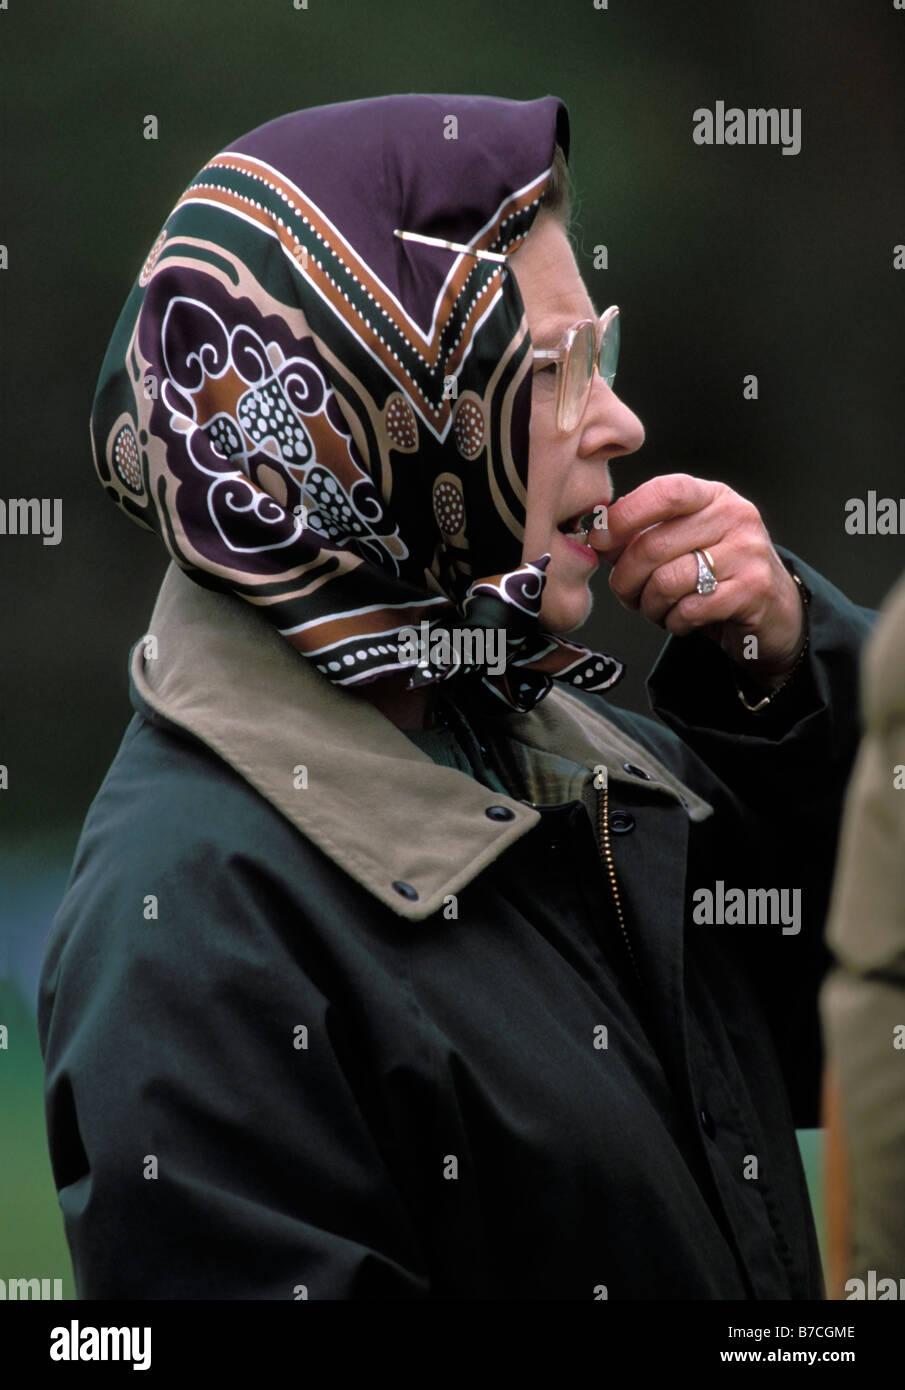 Windsor Queen Elizabeth Ii Stockfotos & Windsor Queen Elizabeth Ii ...